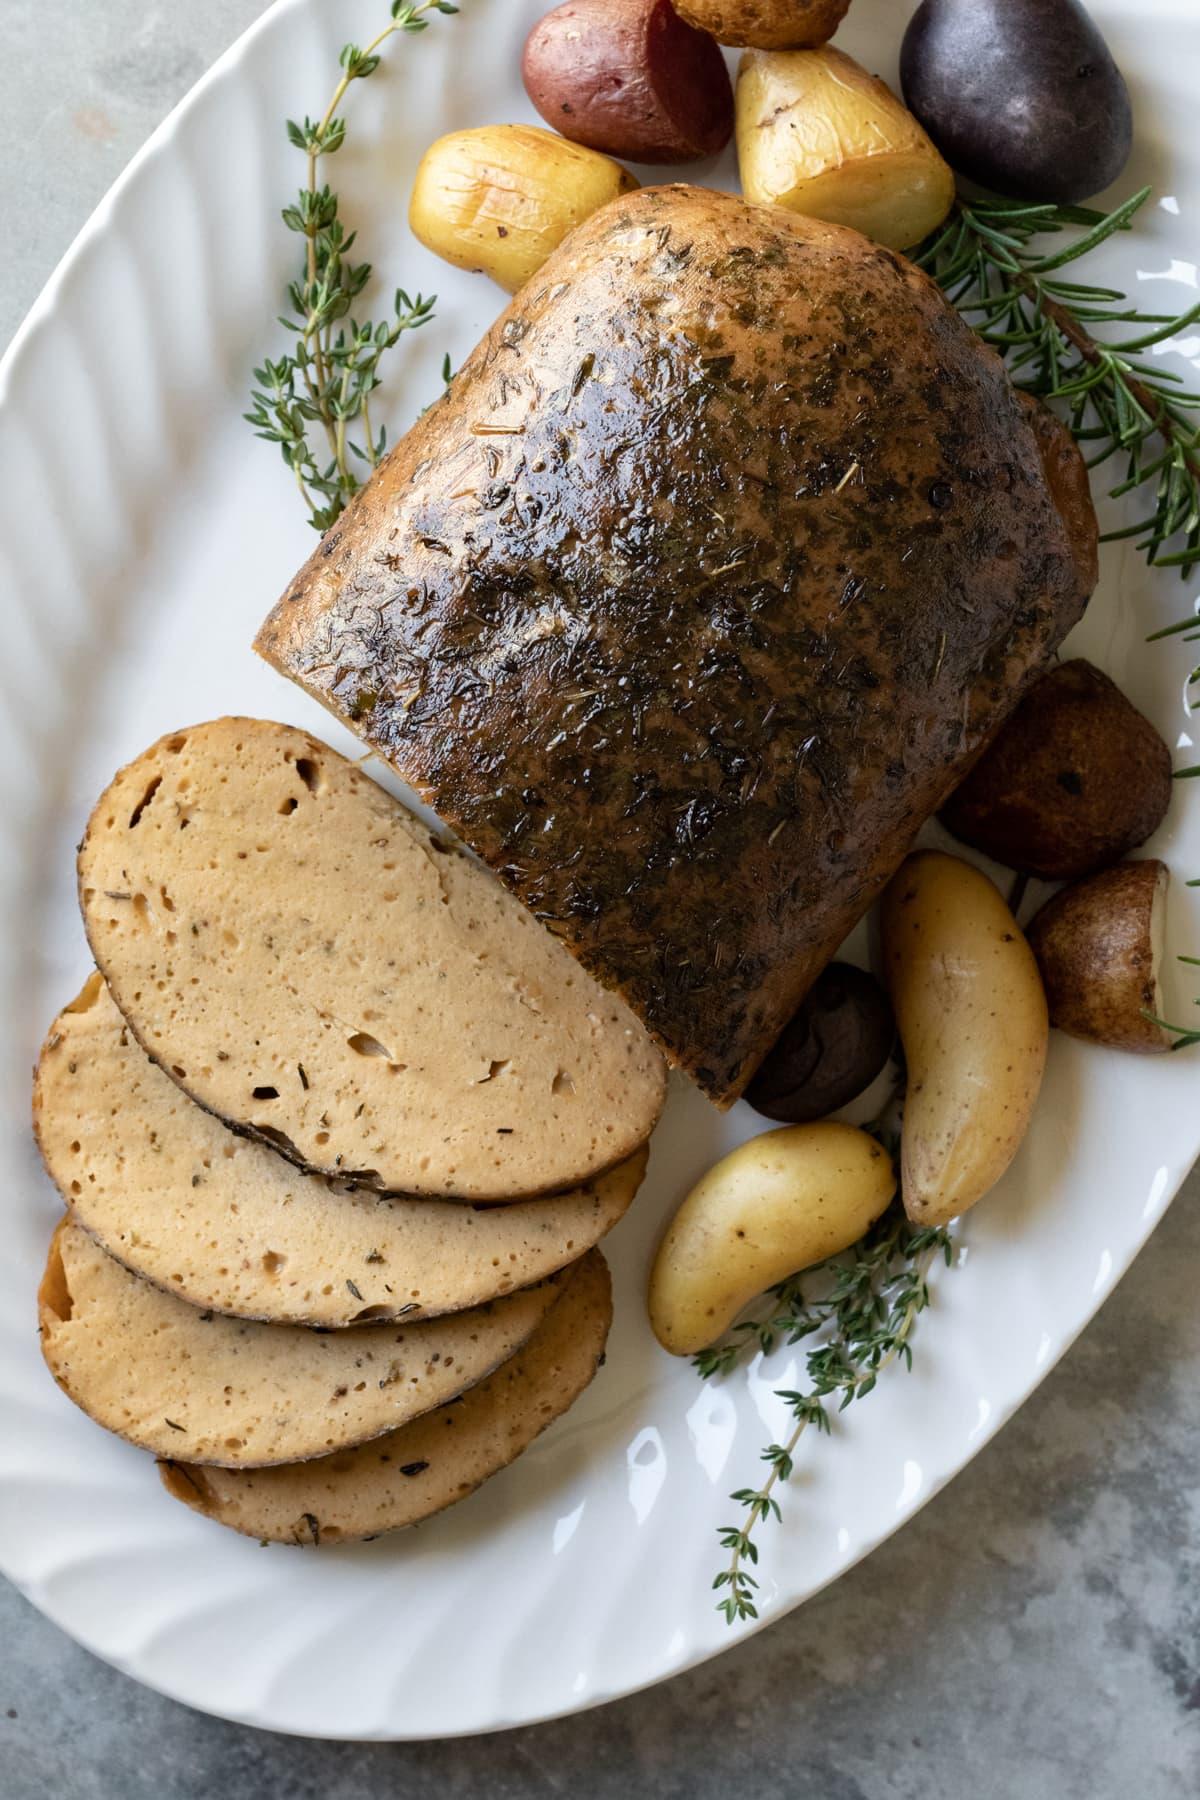 seitan turkey roast on a platter with herbs and potatoes